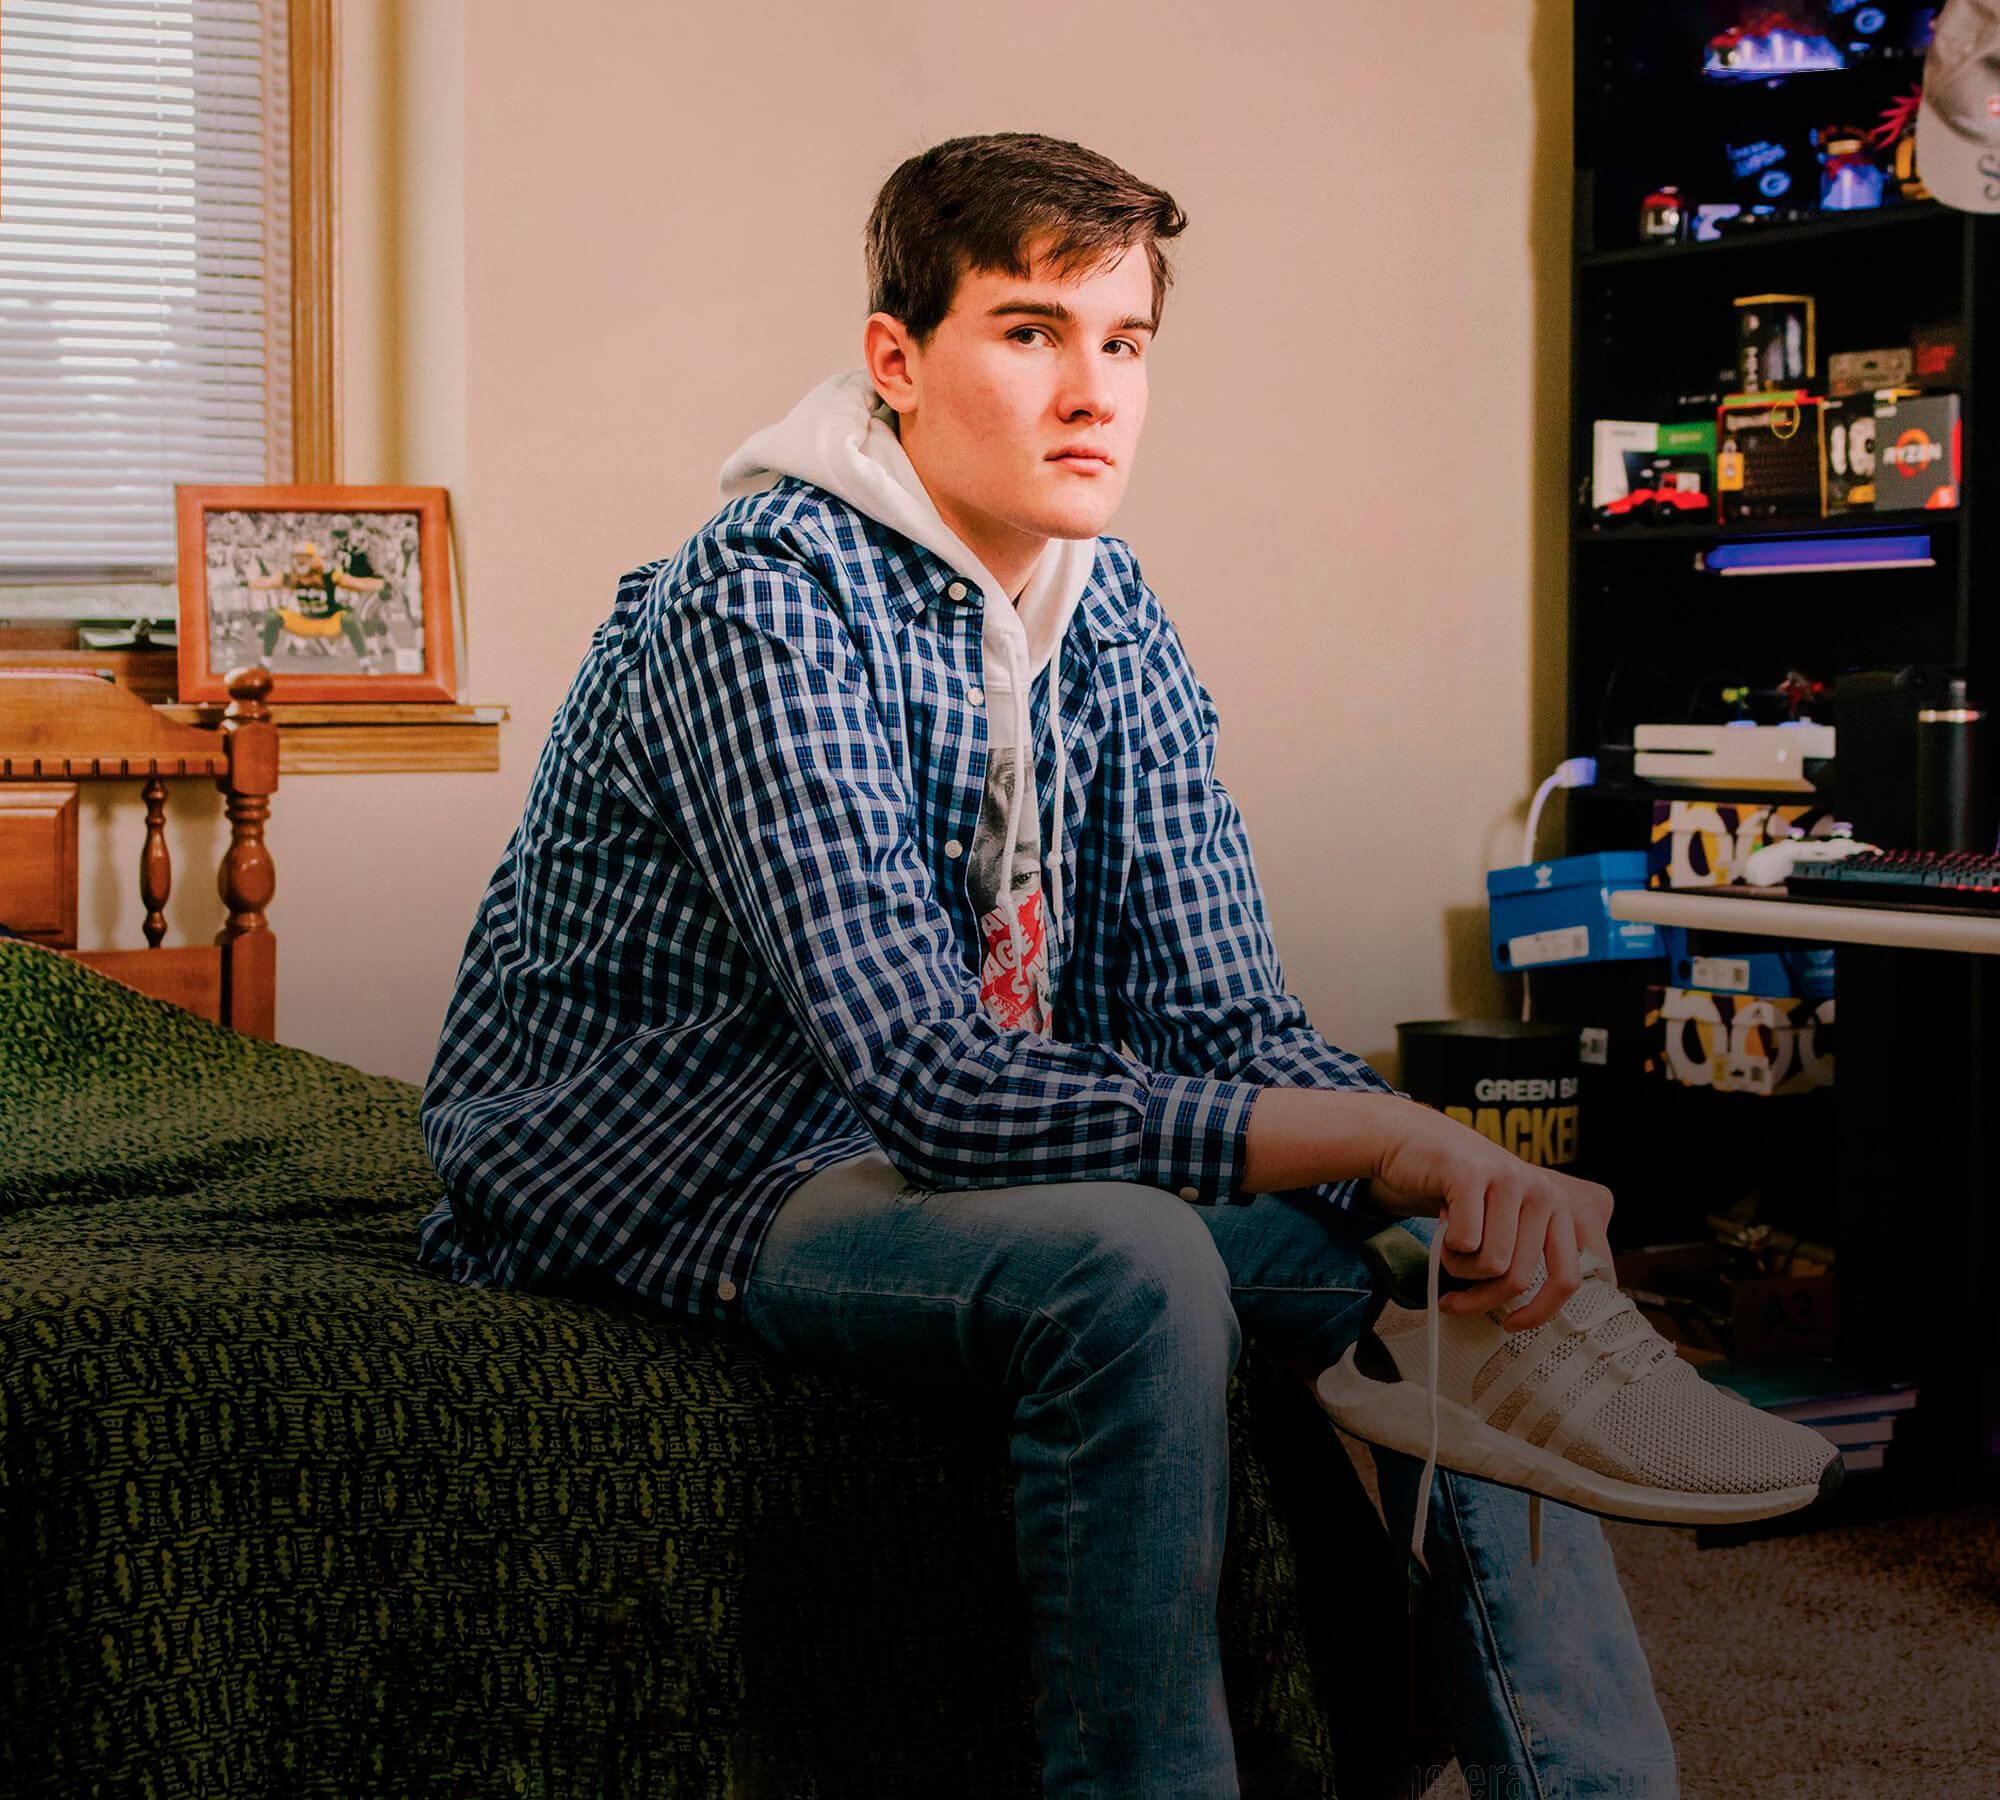 Жизнь обычного американского подростка